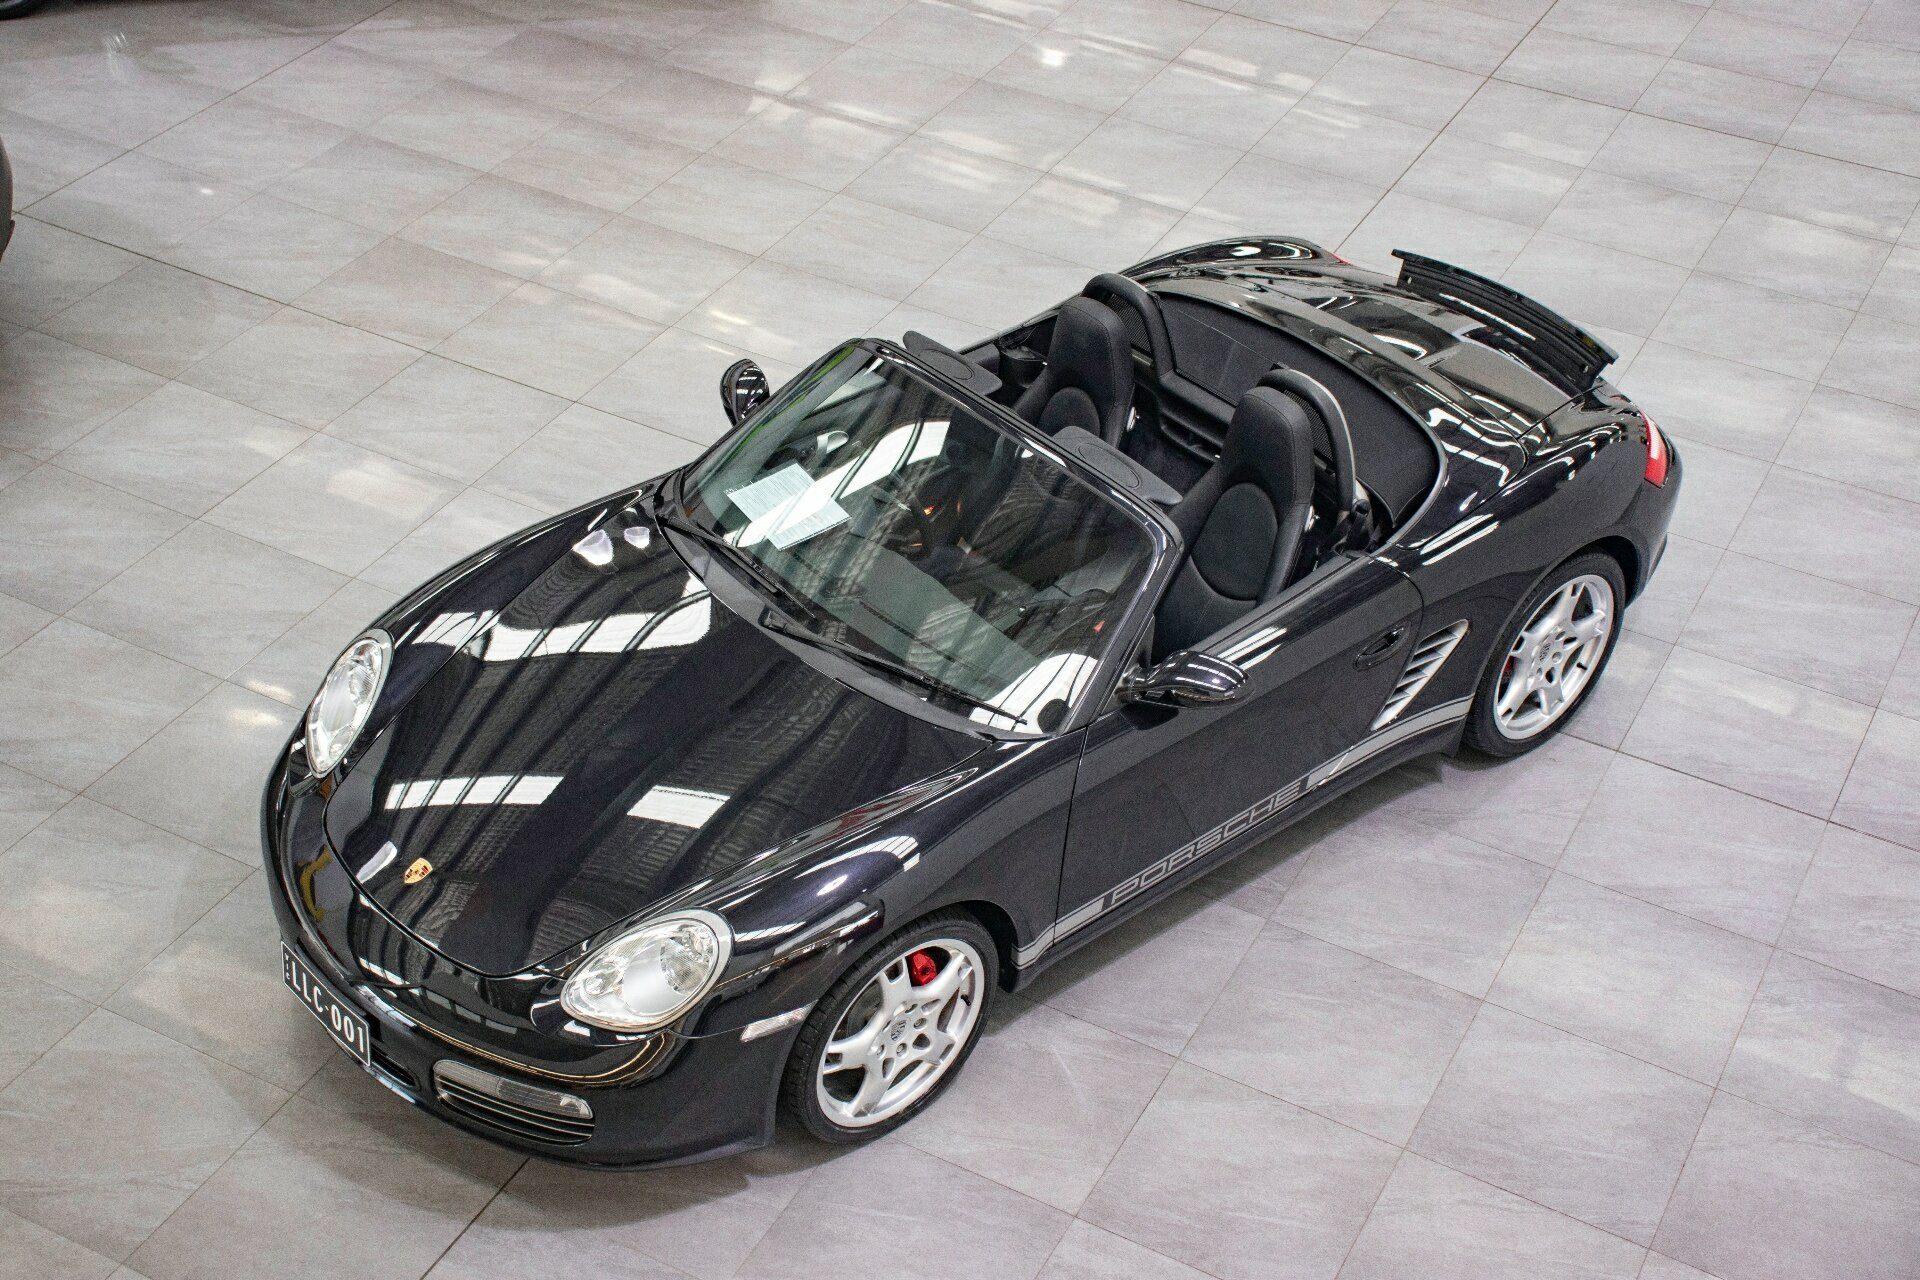 2005 Porsche Boxster S 987